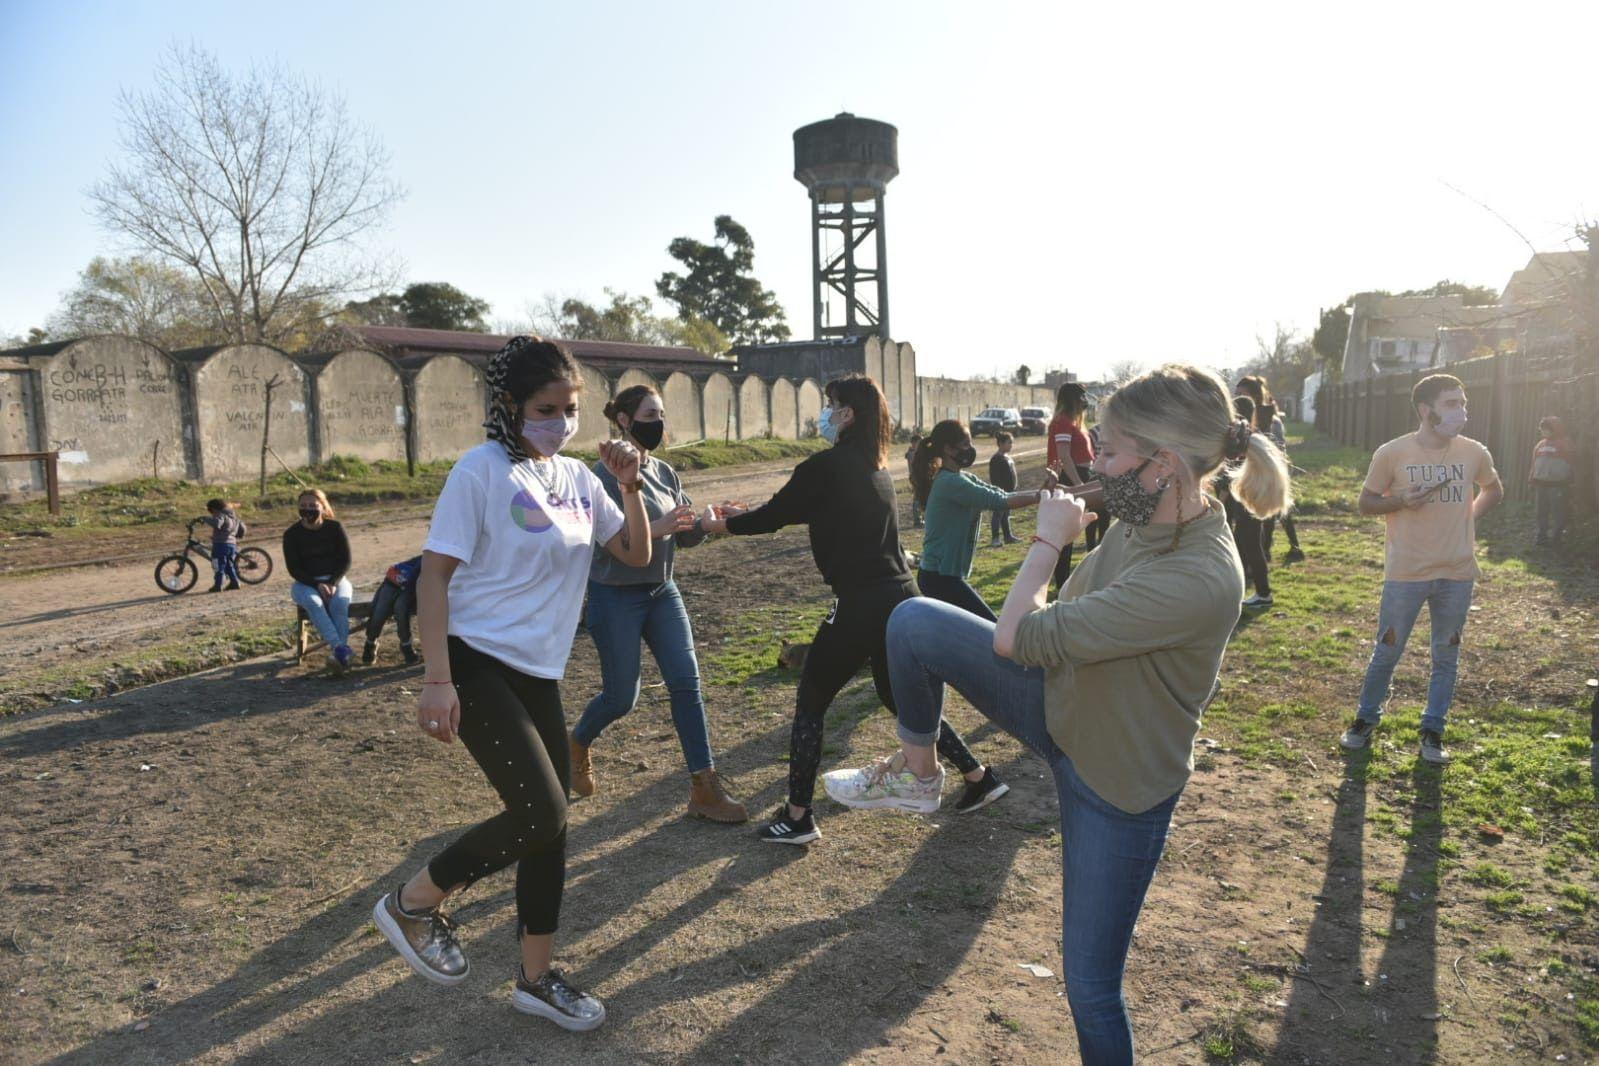 Los cursos de defensa personal se dictarán todas las semanas en distintos barrios